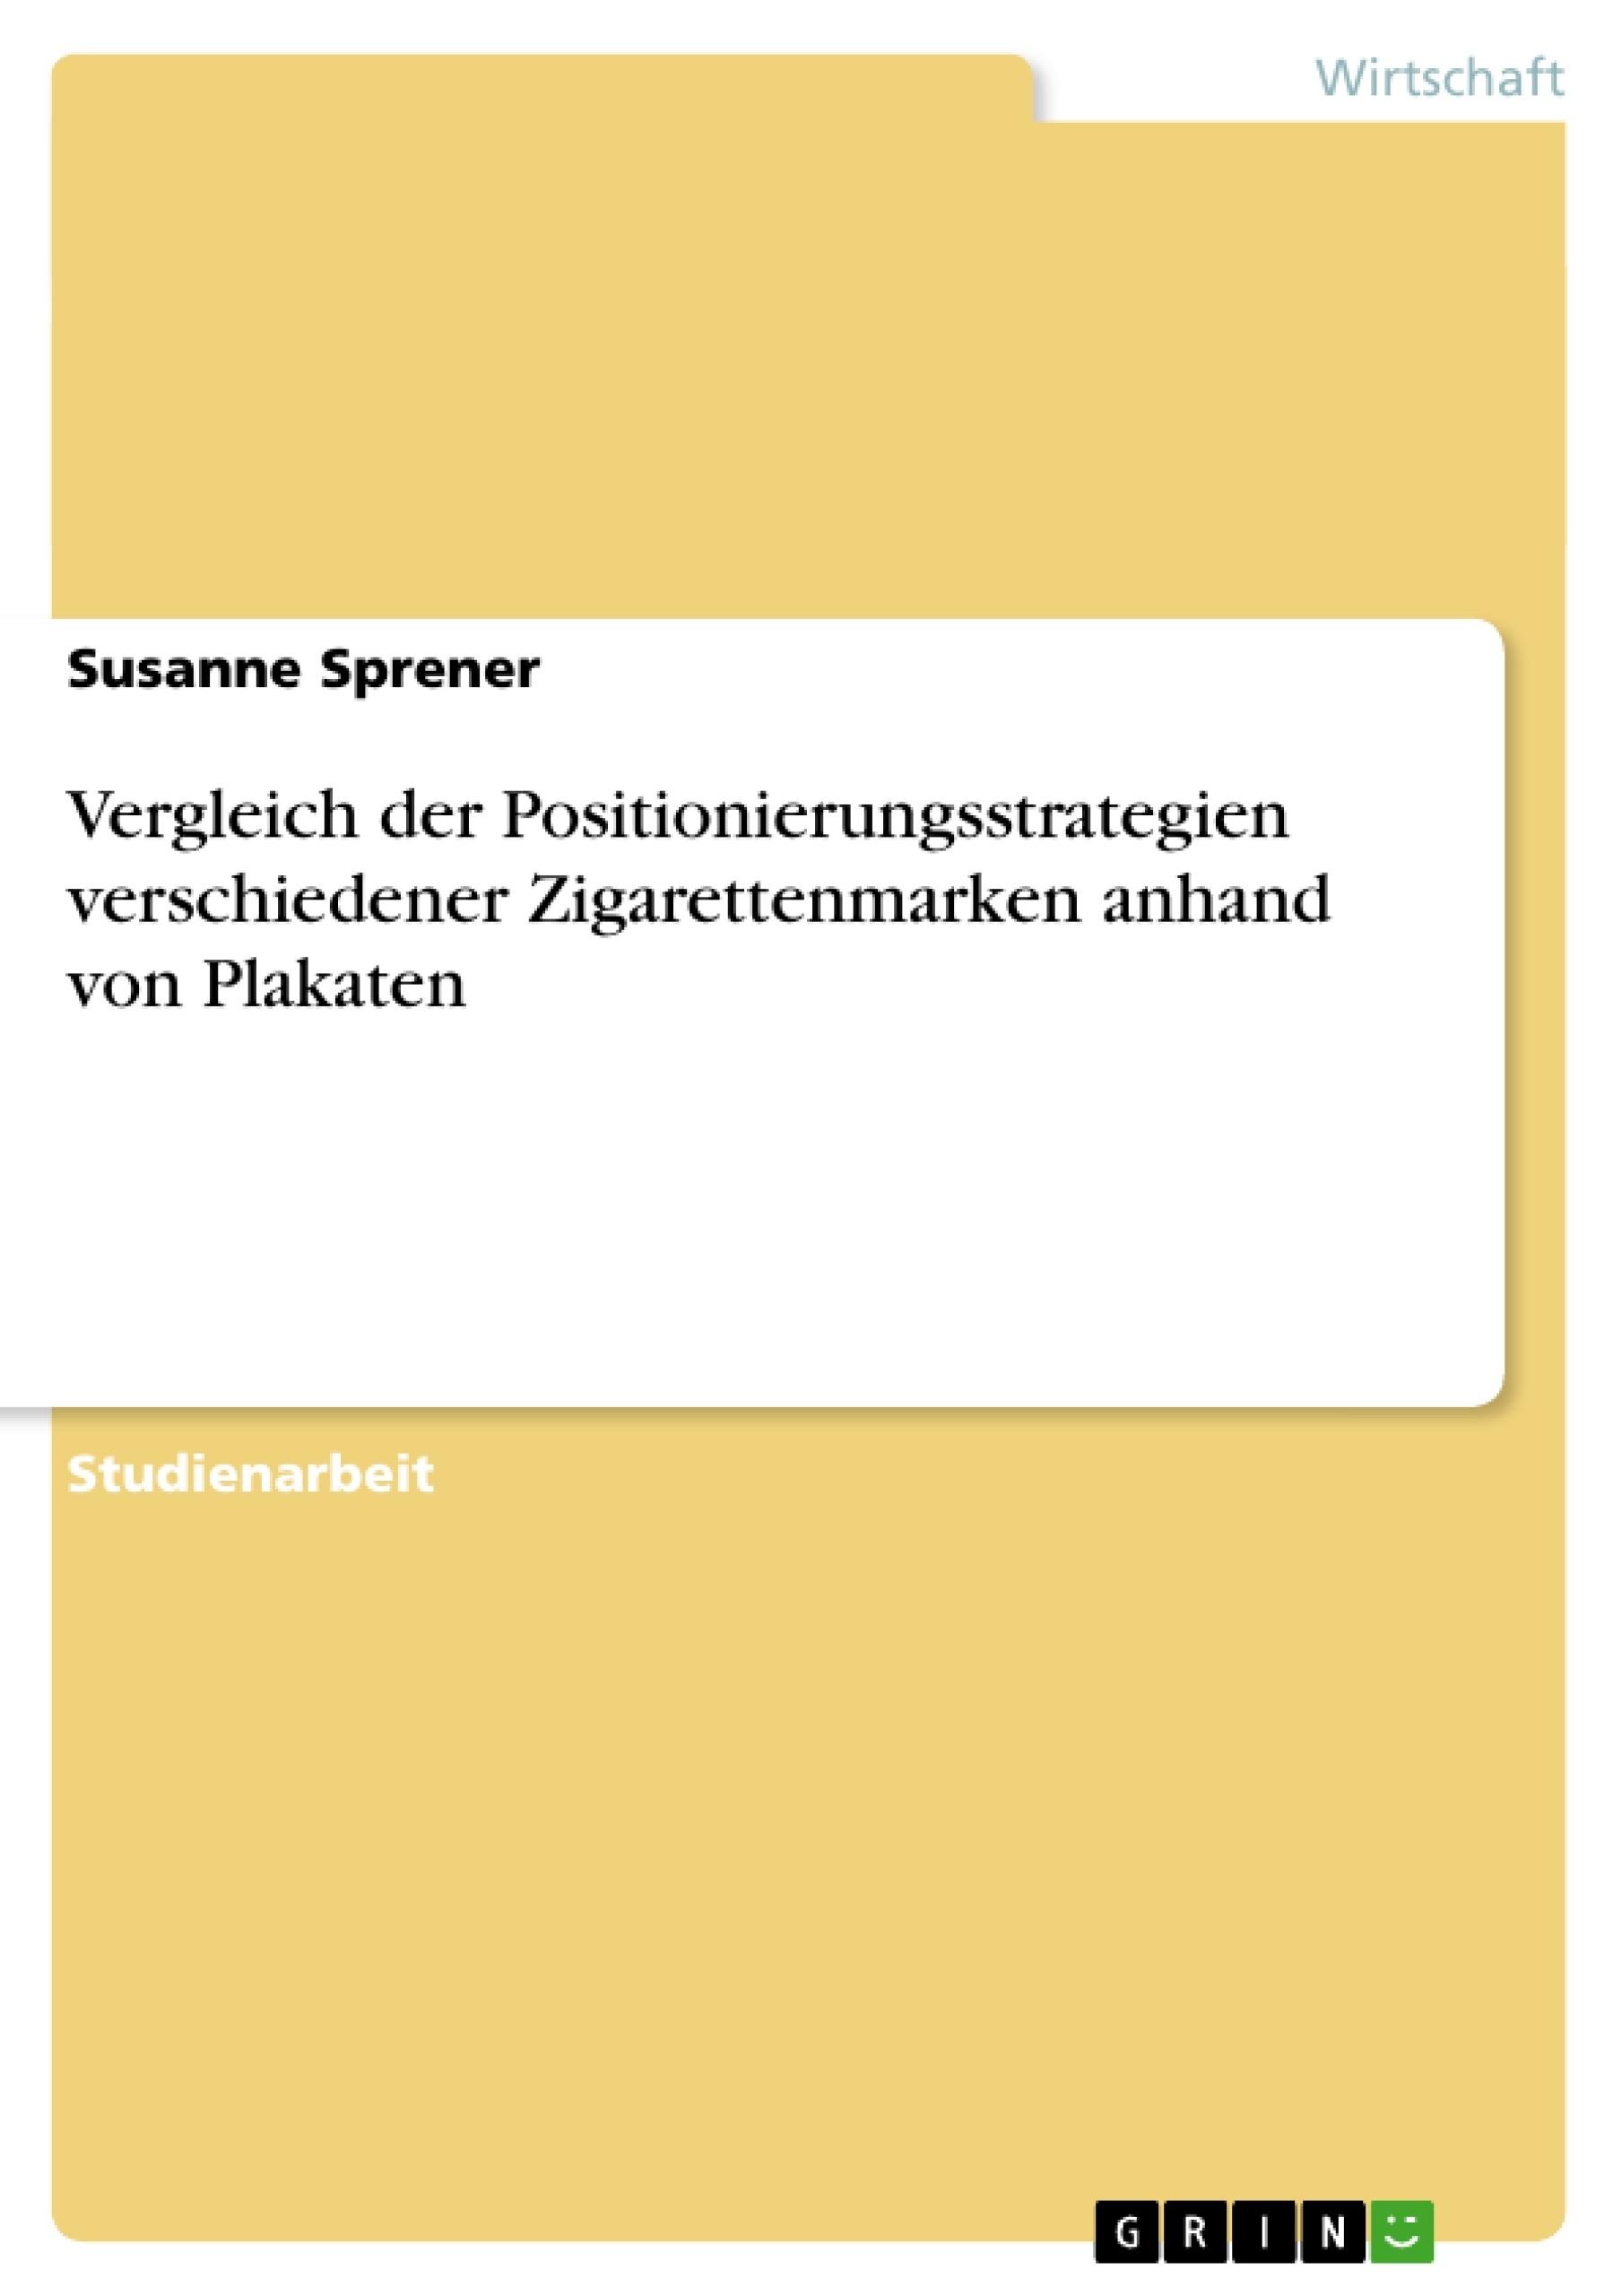 Titel: Vergleich der Positionierungsstrategien verschiedener Zigarettenmarken anhand von Plakaten